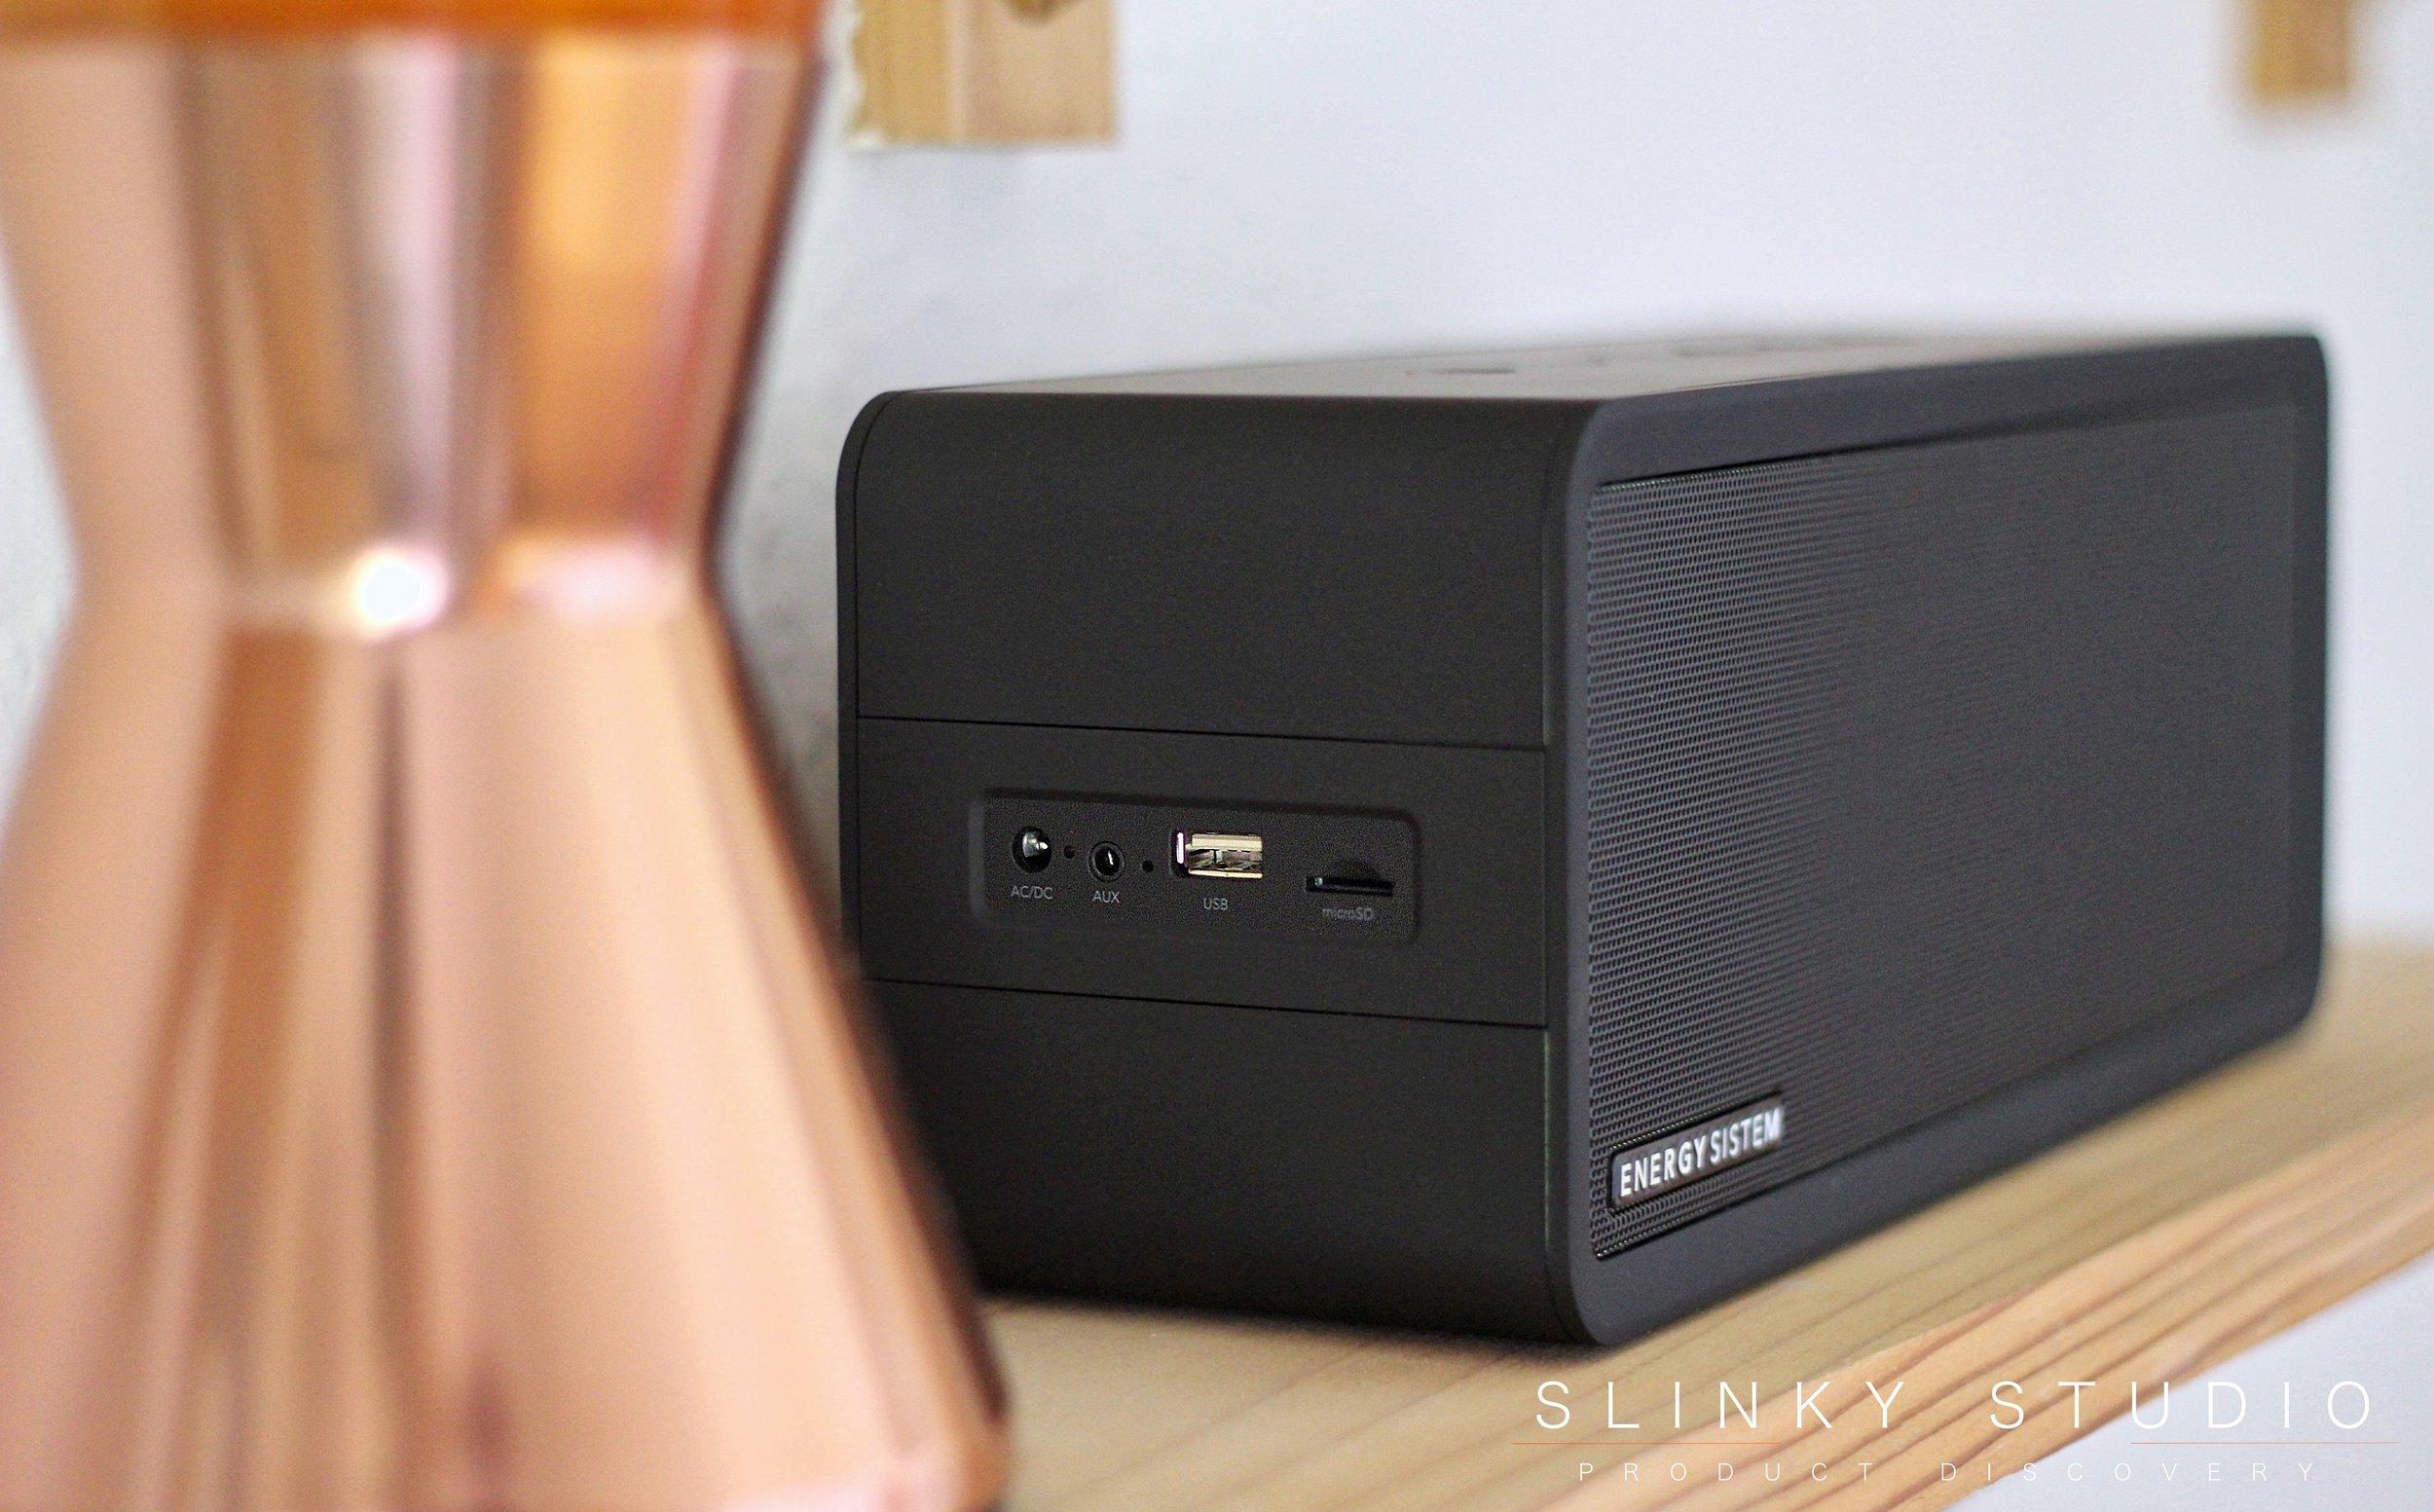 Energy Sistem Music Box 9 I:O Side View.jpg